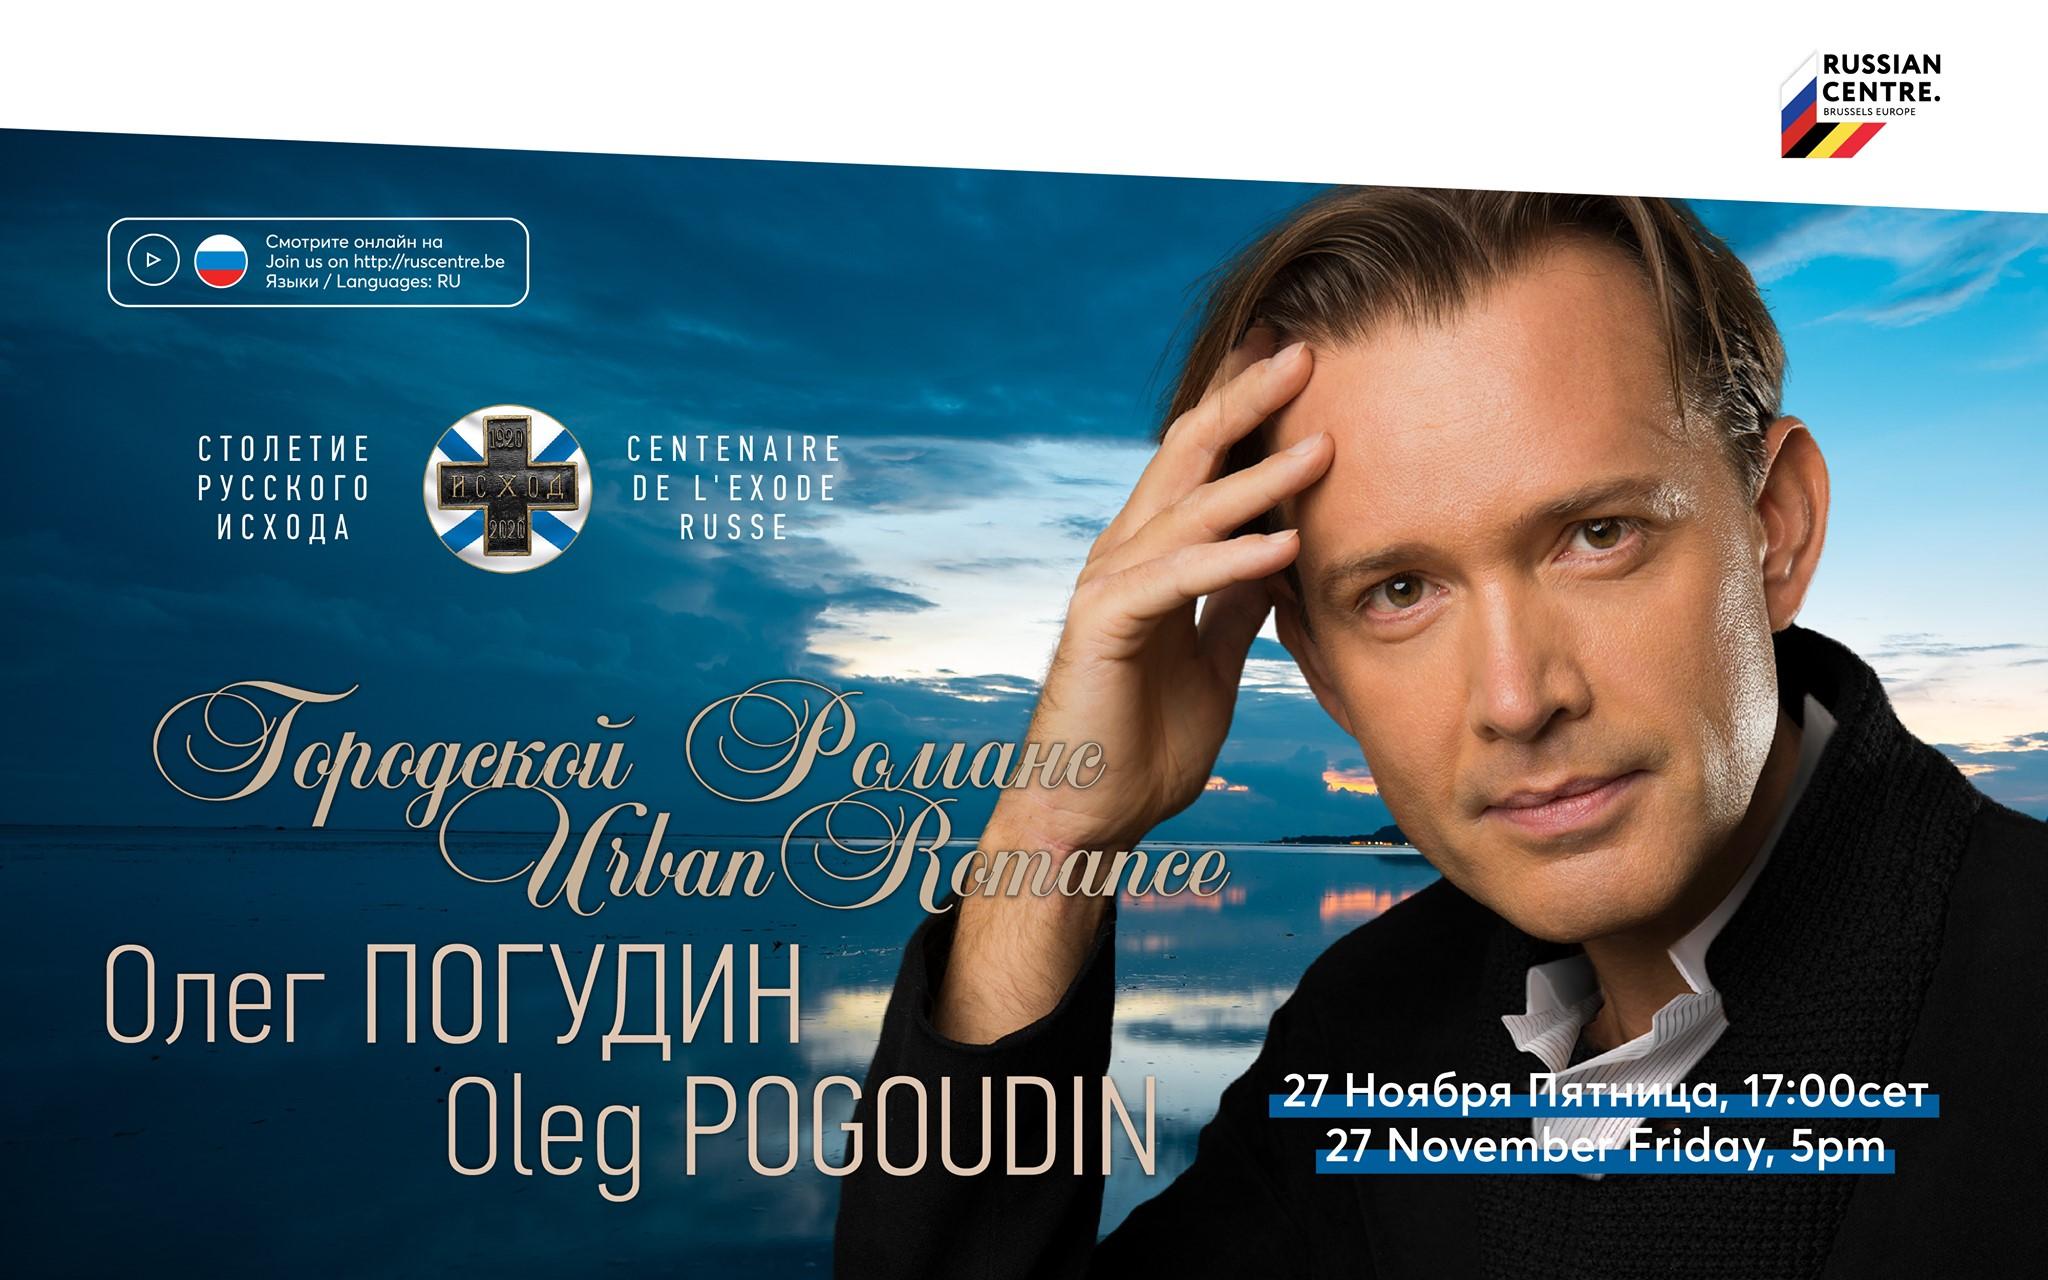 Народный артист России Олег Погудин – онлайн-концерт «Городской романс»